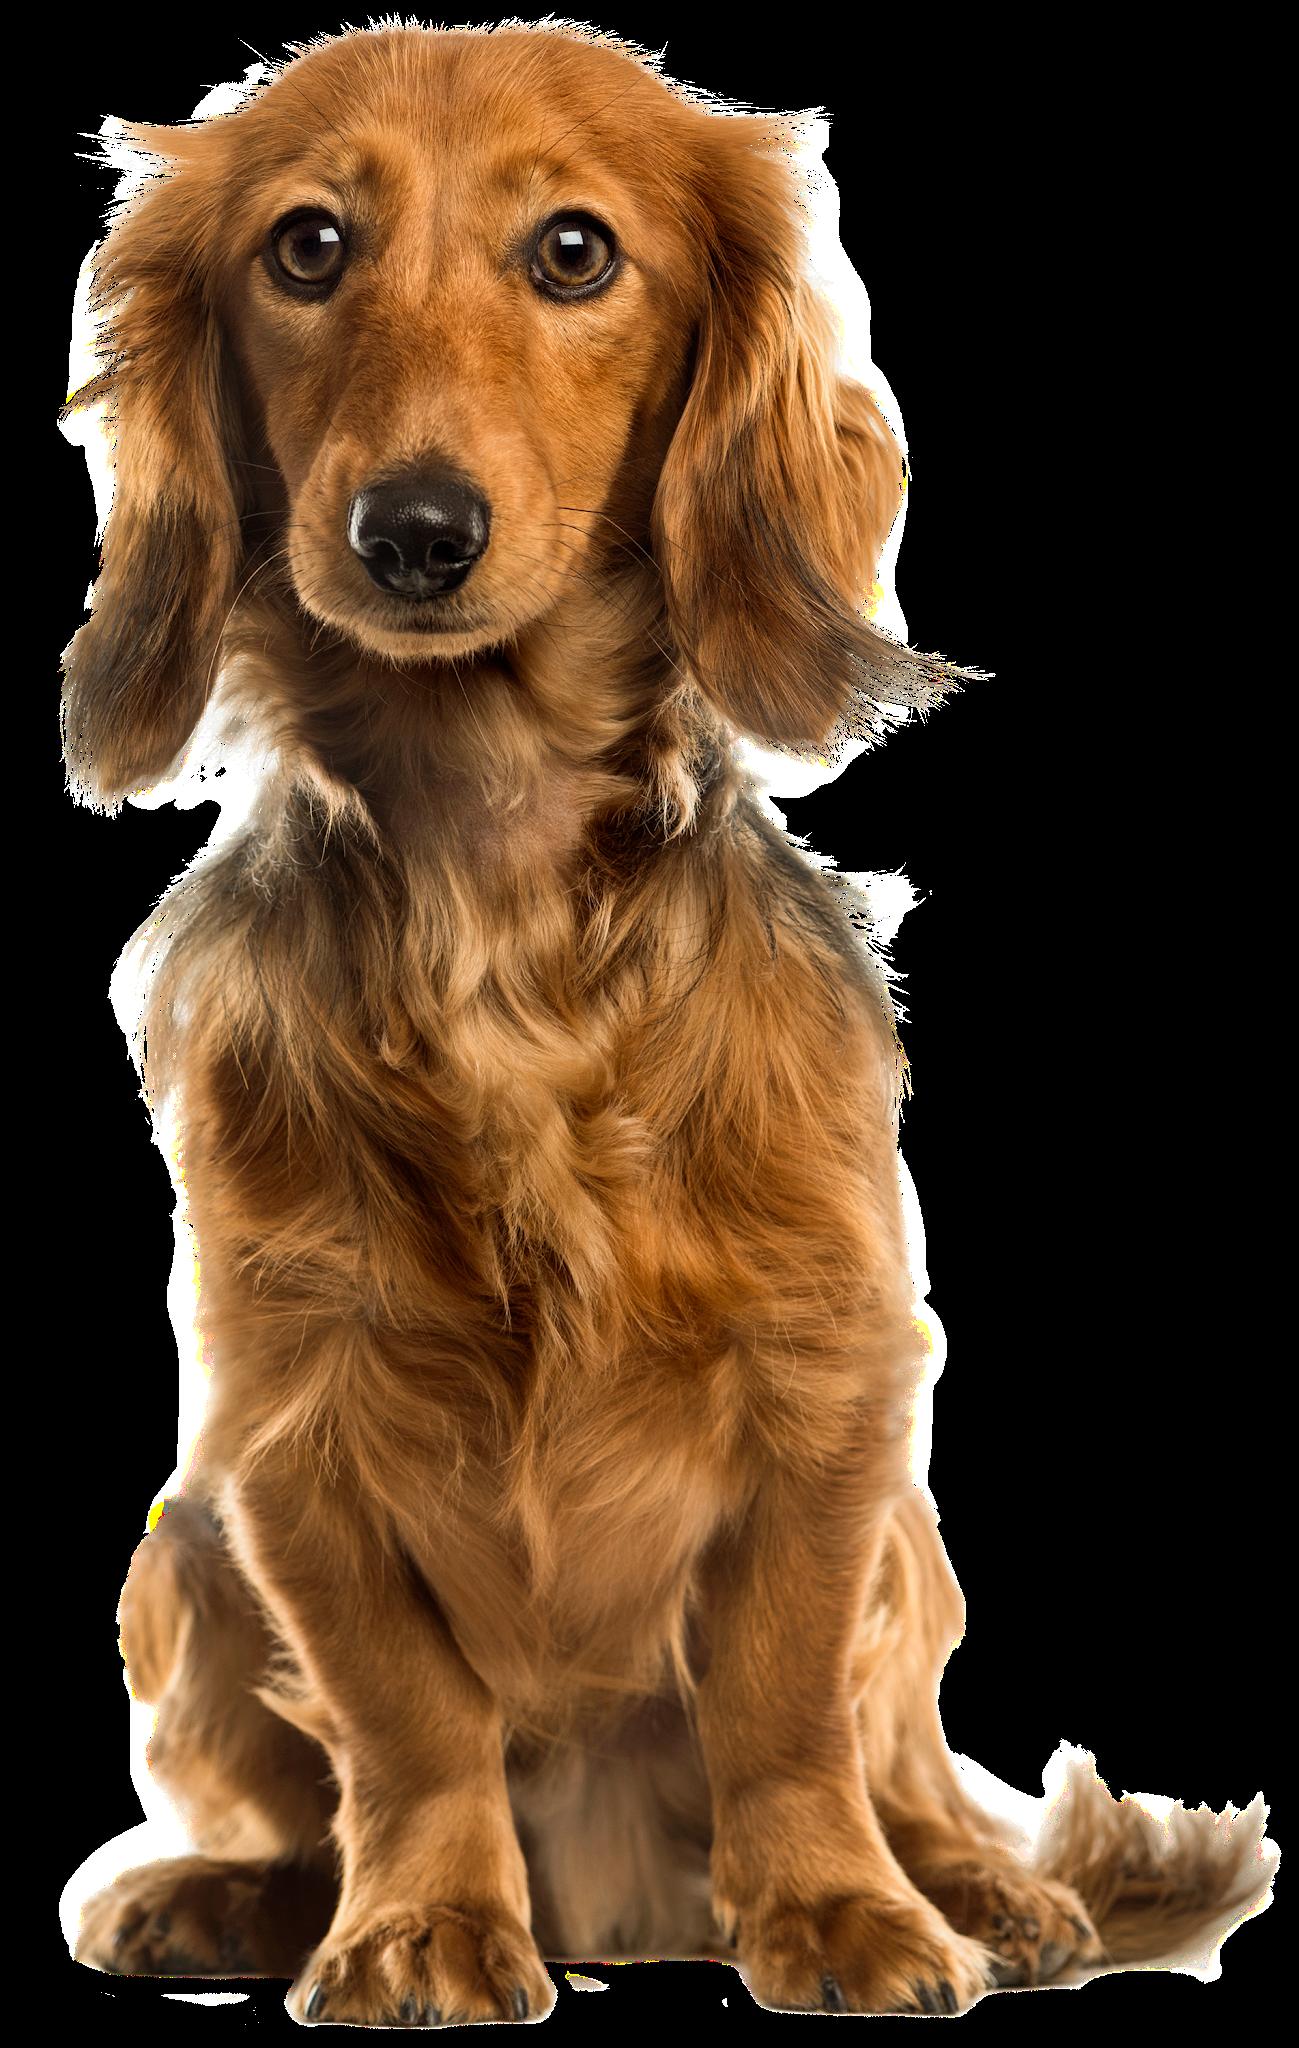 Labrador Retriever Golden Retriever Puppy Dog Breed Dog Dogs Cute Dogs Golden Retriever Puppy